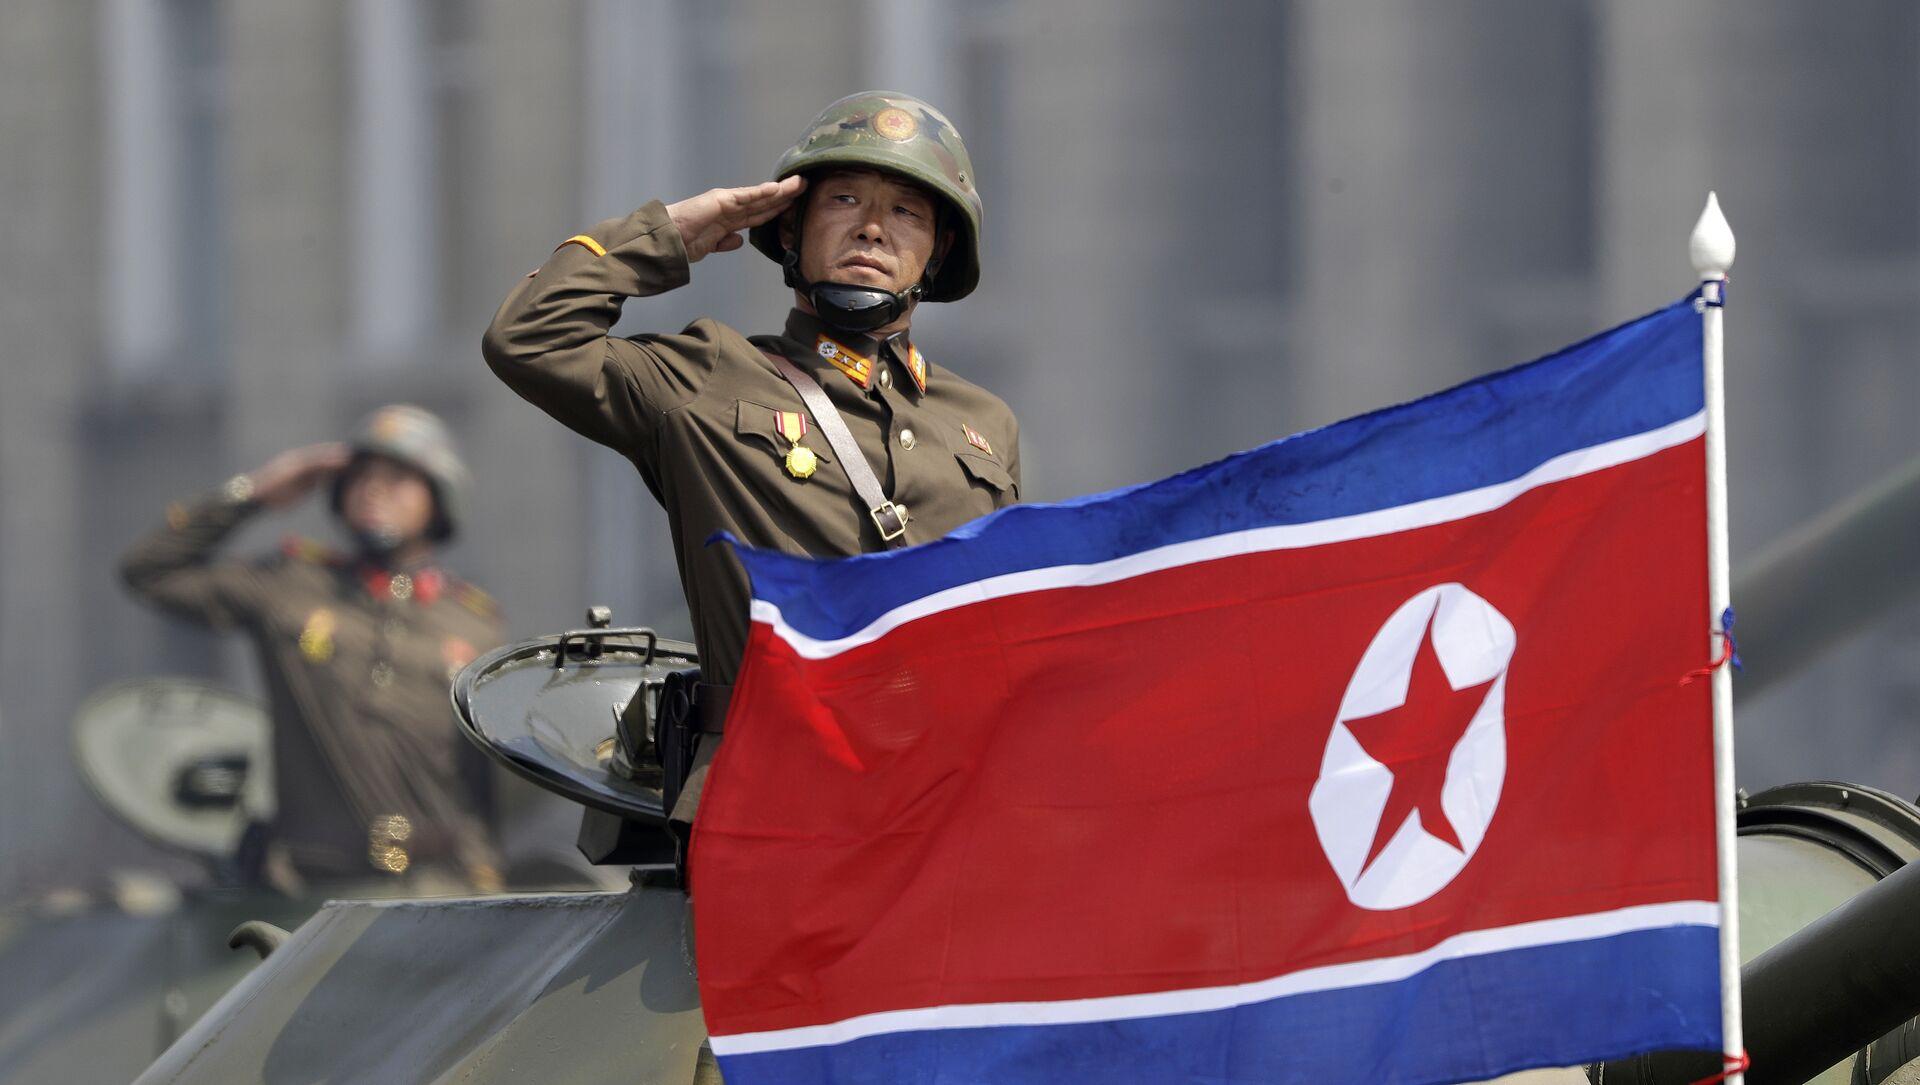 La bandiera della Corea del Nord. - Sputnik Italia, 1920, 06.05.2021